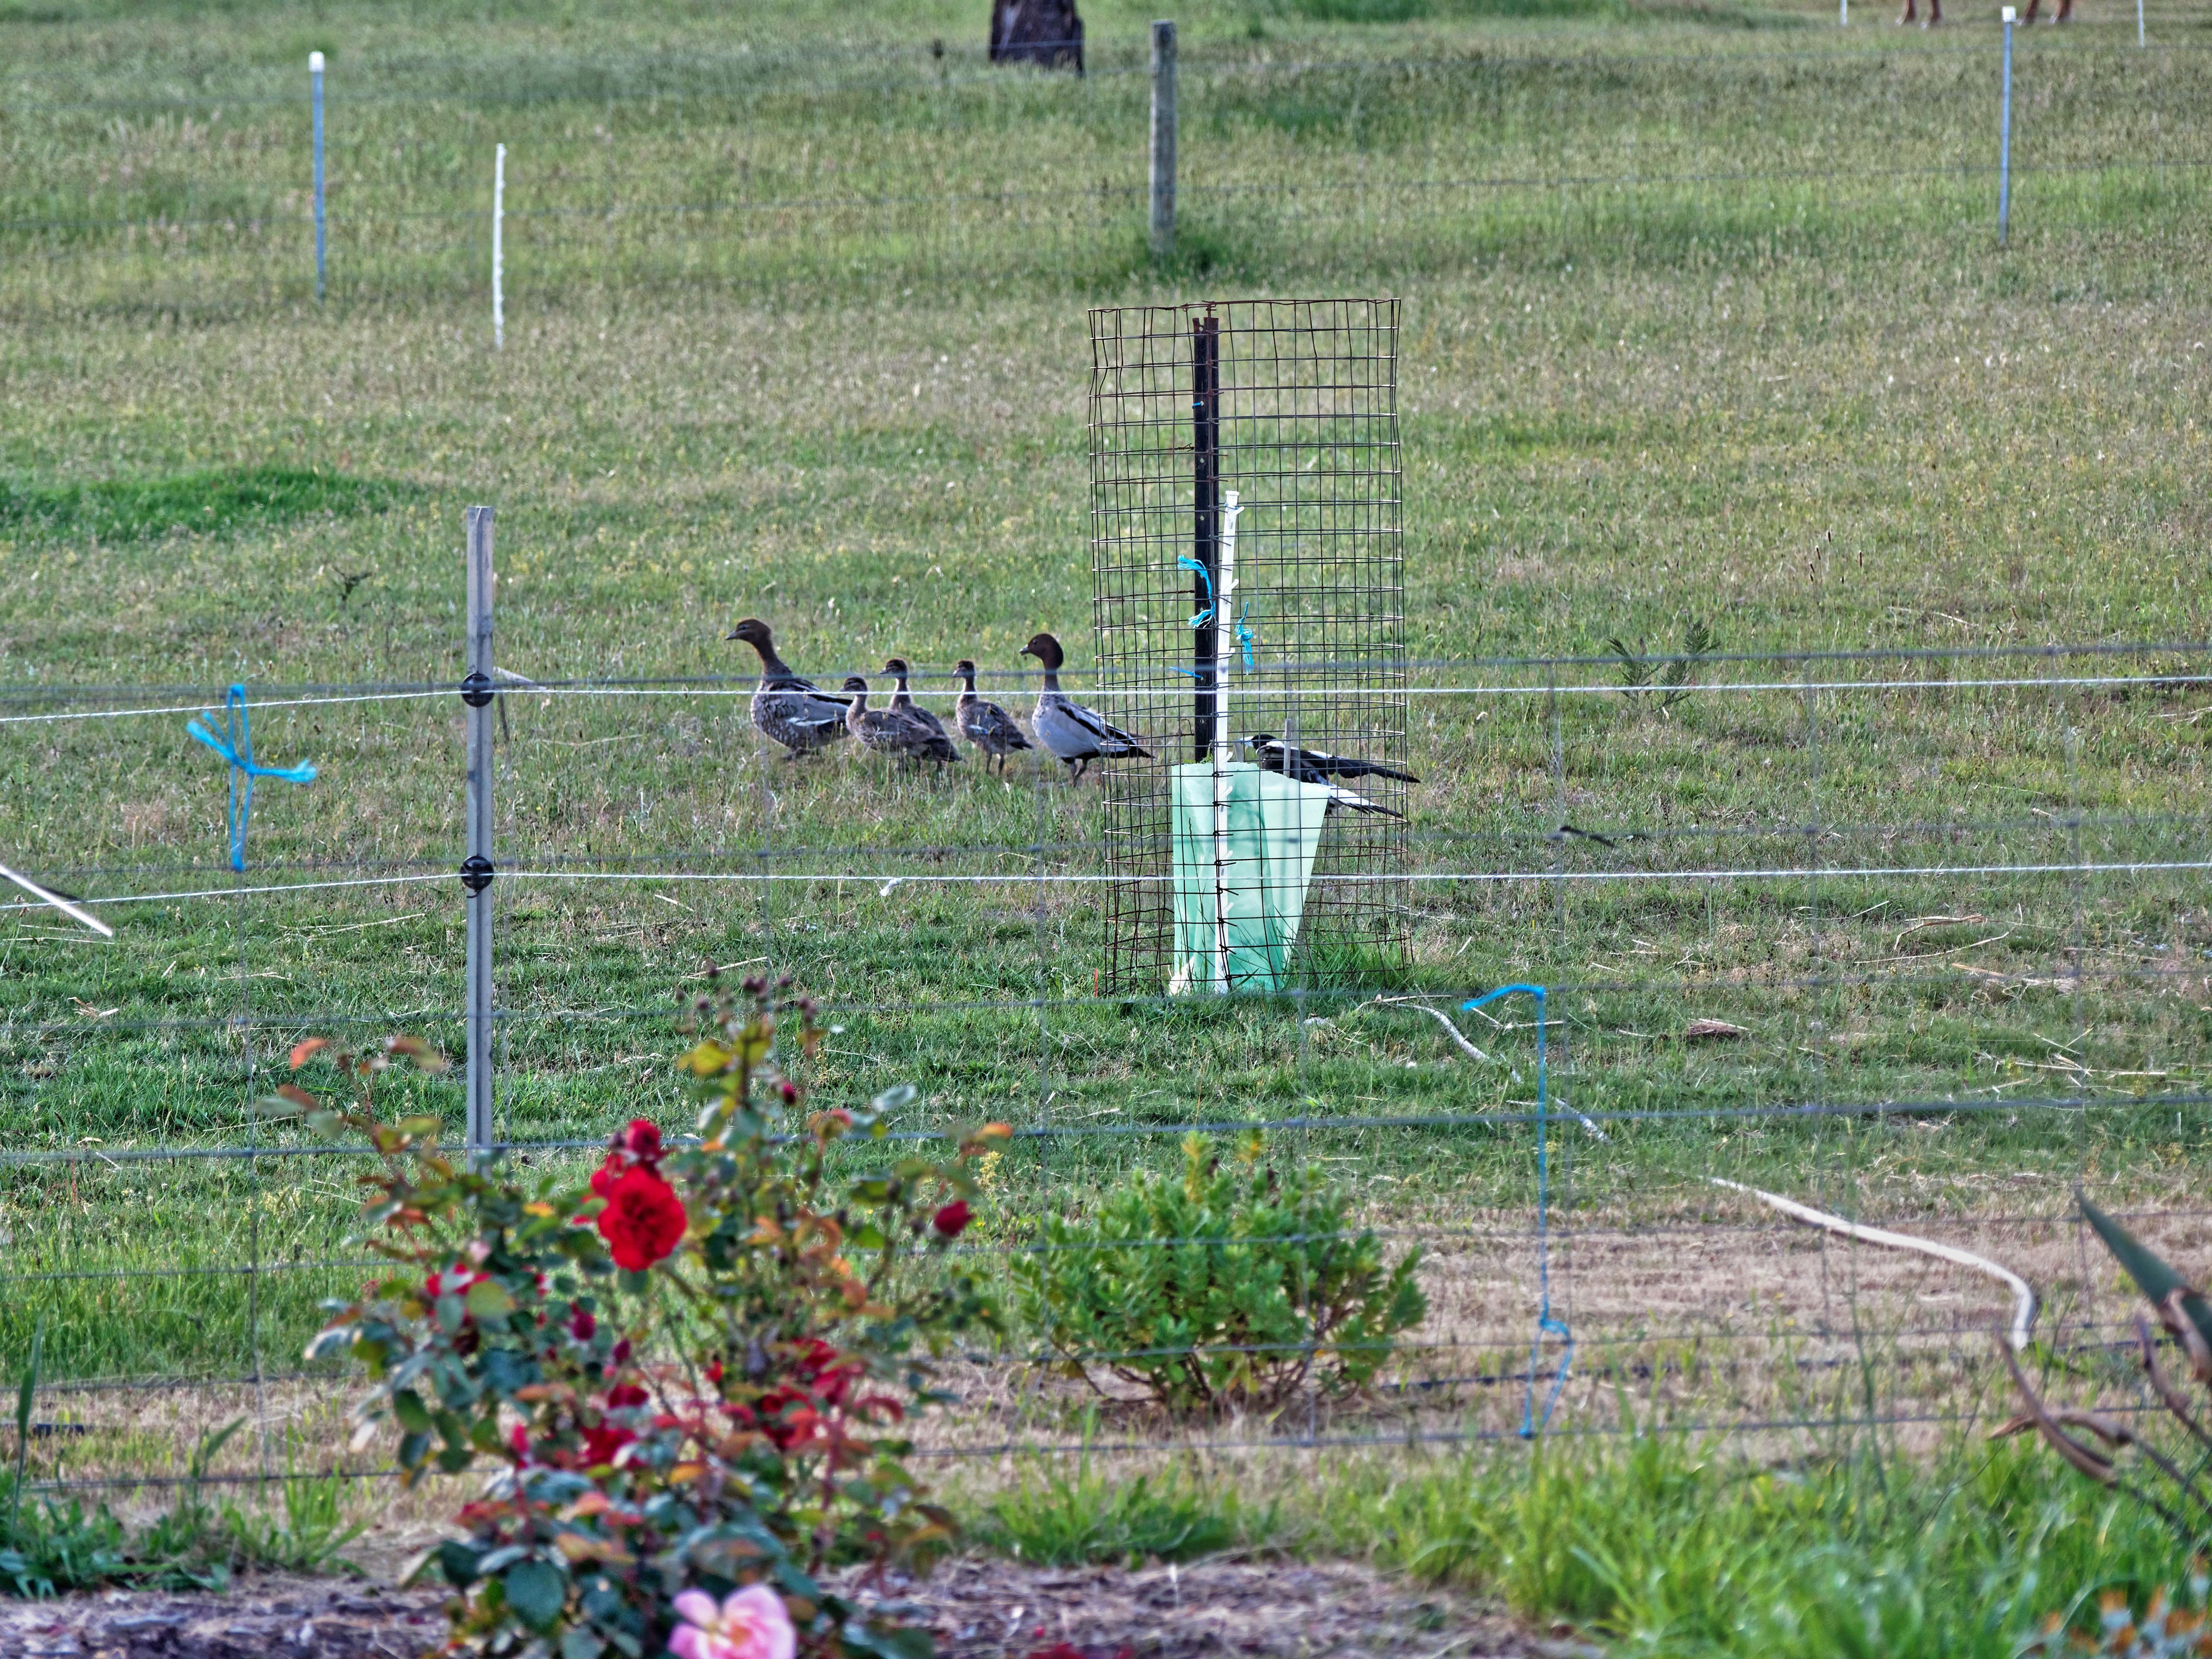 Magpies-and-ducks-7.jpeg